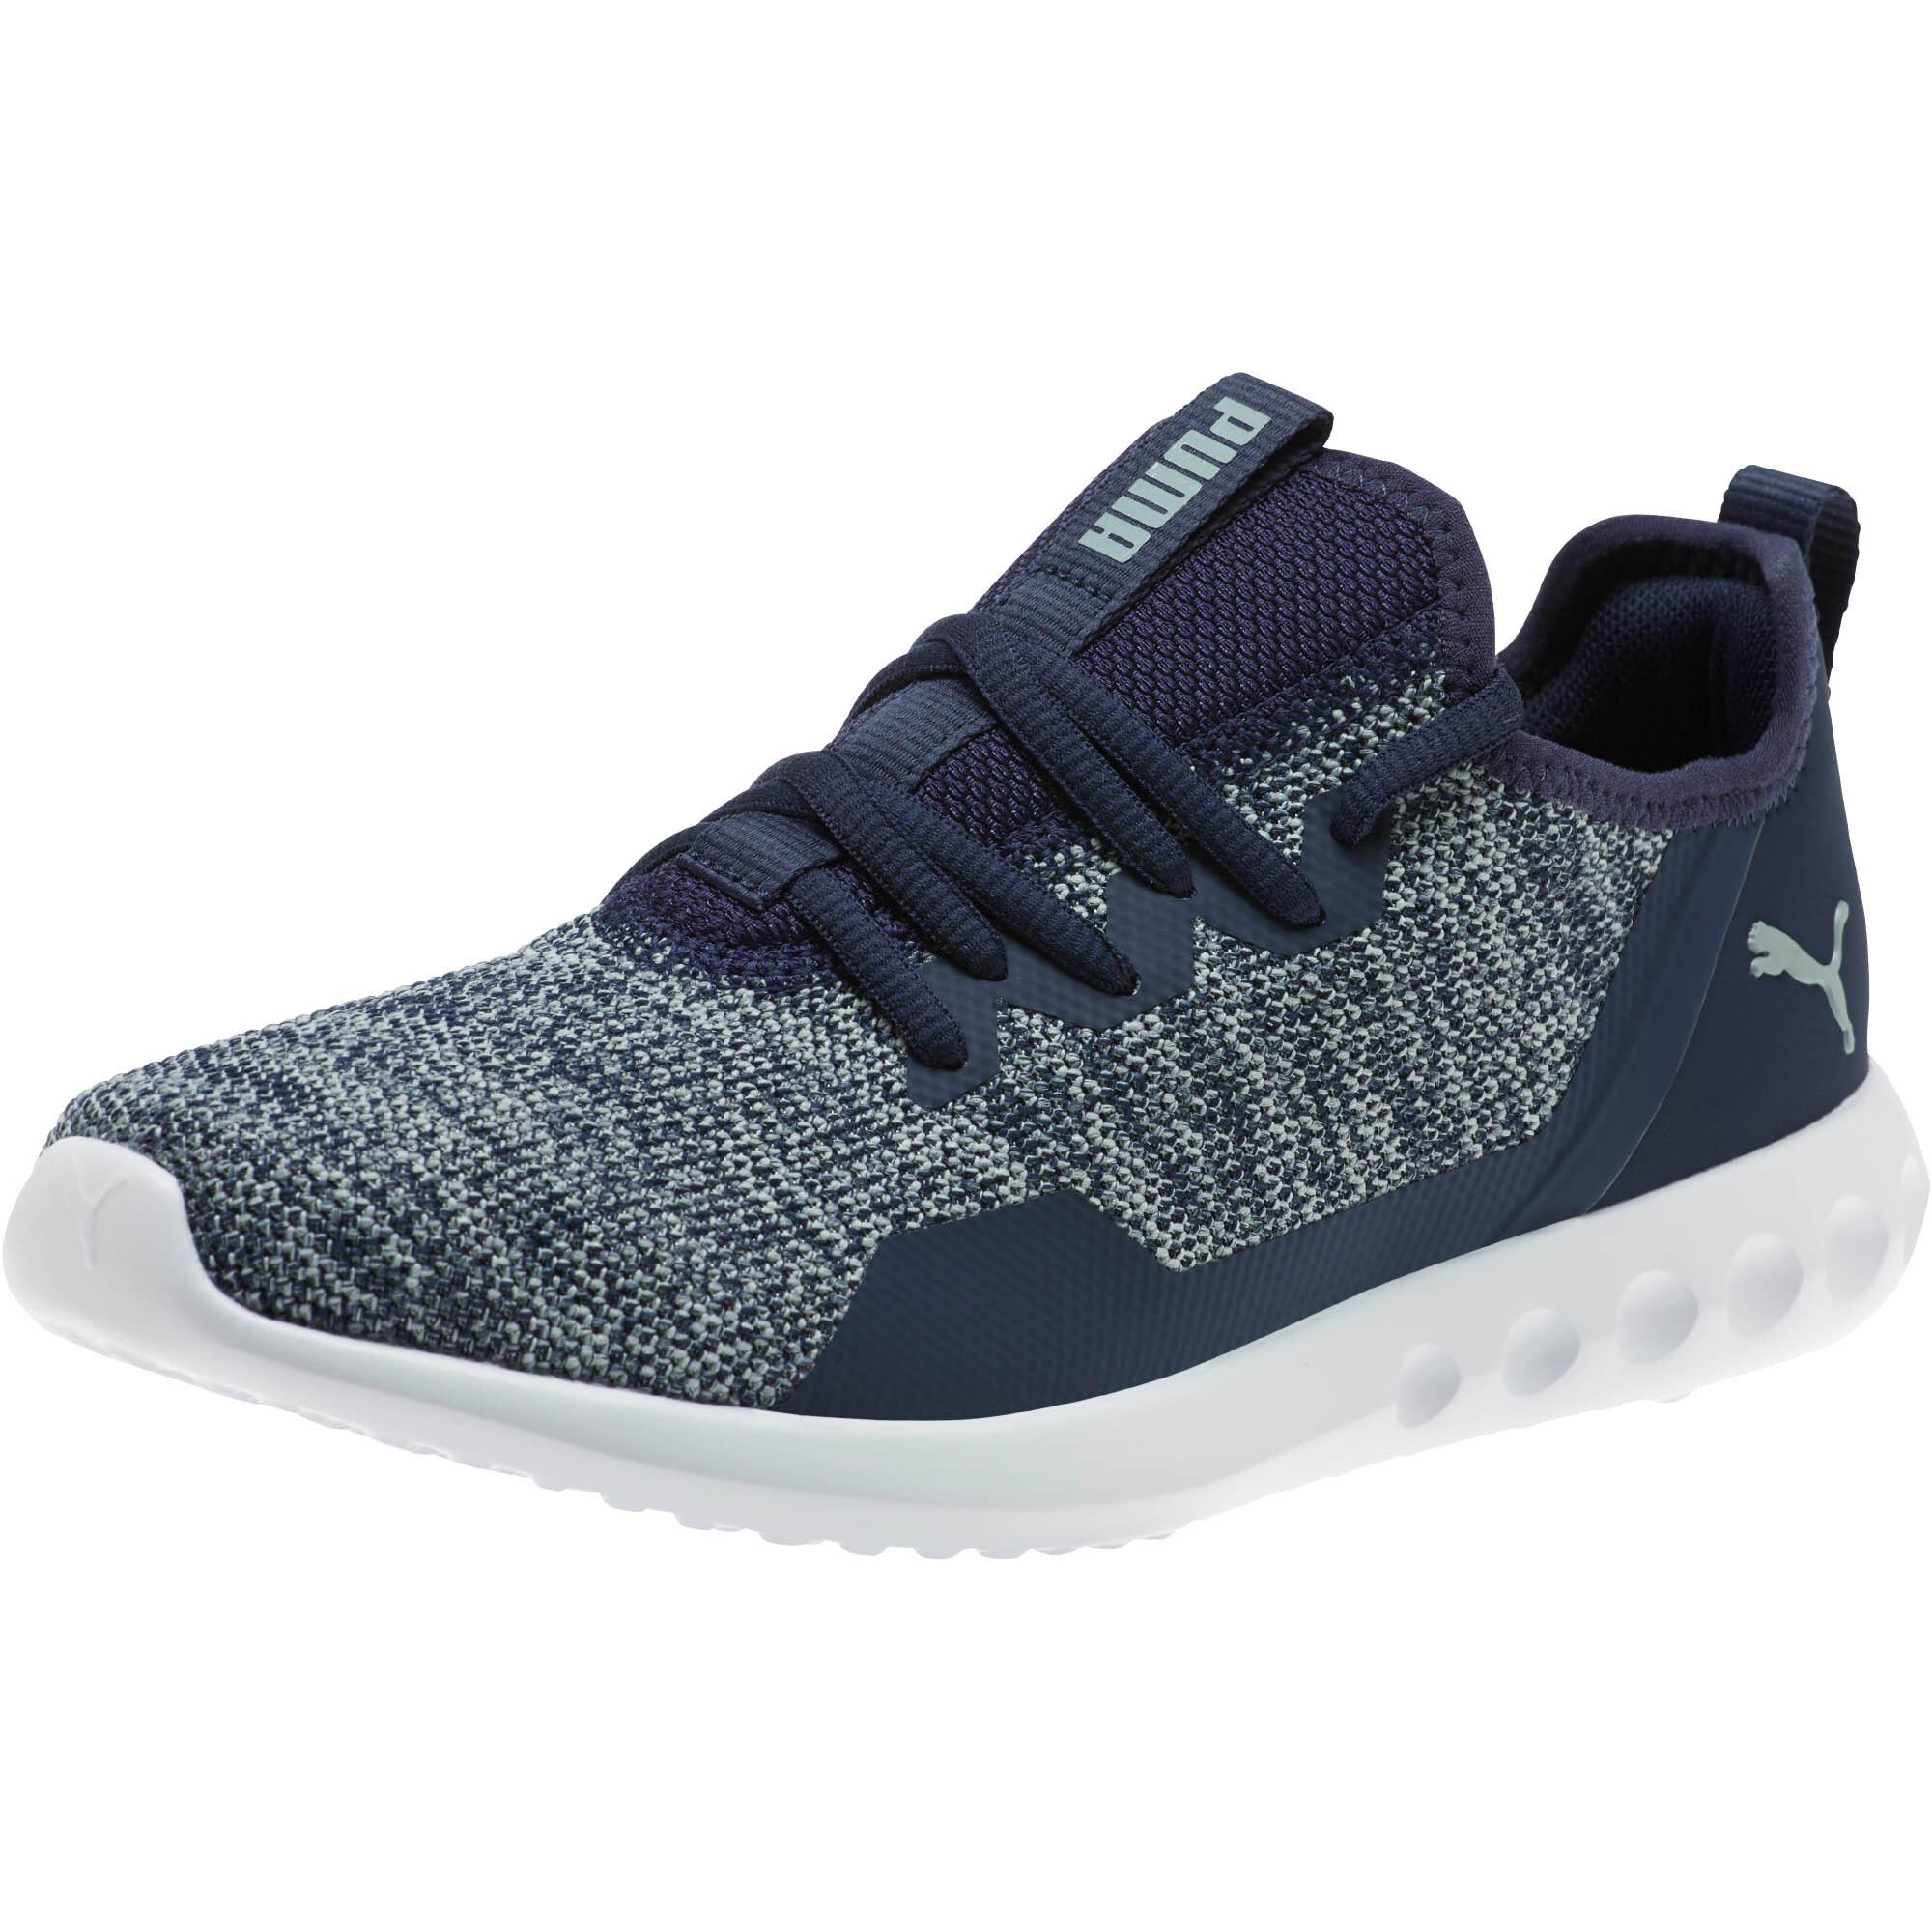 PUMA-Carson-2-X-Knit-Women-s-Running-Shoes-Women-Shoe-Running thumbnail 6